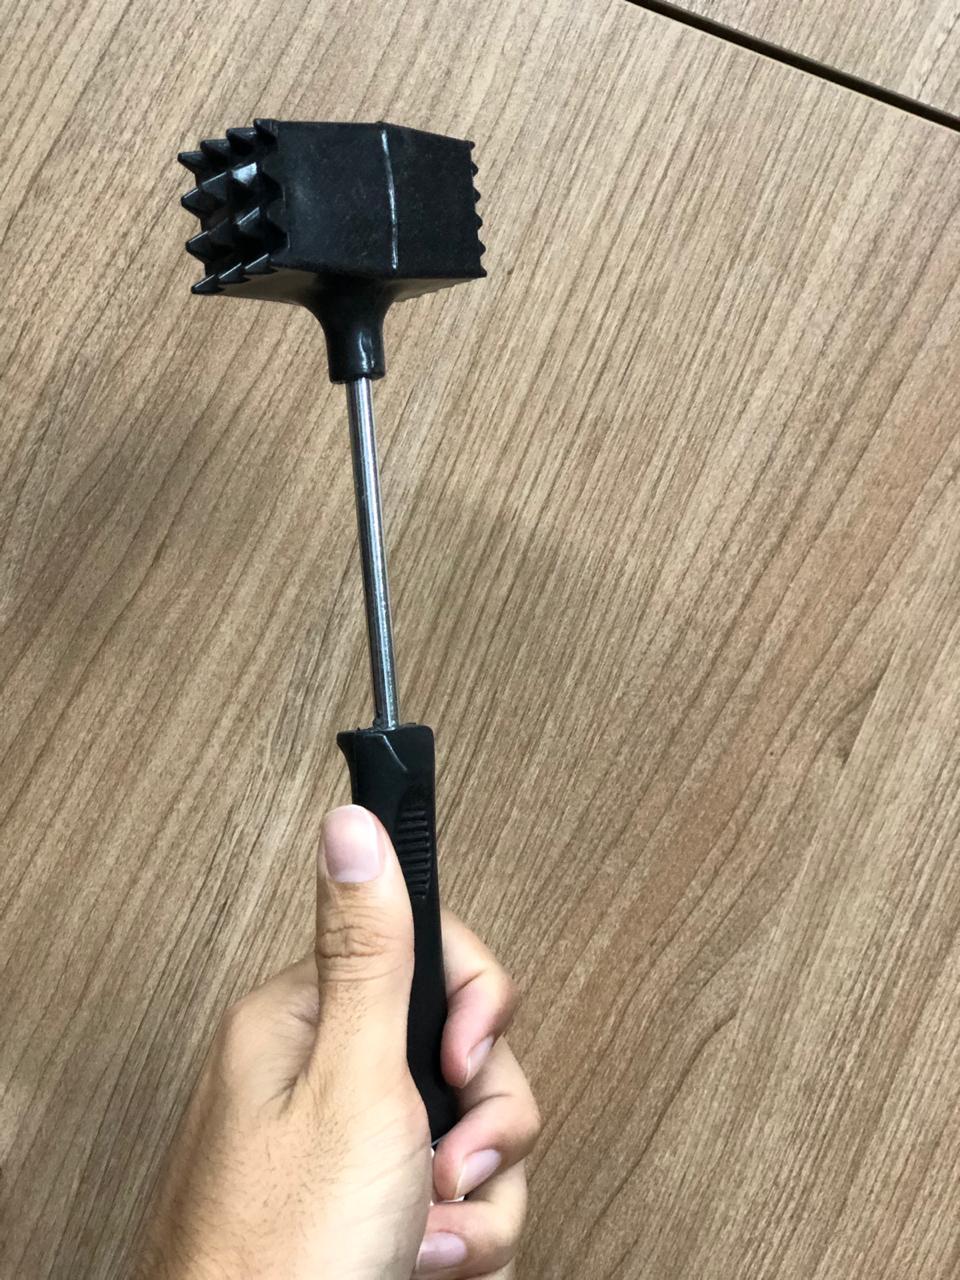 Martelo para carne batedor amaciador bife inox 25 cm